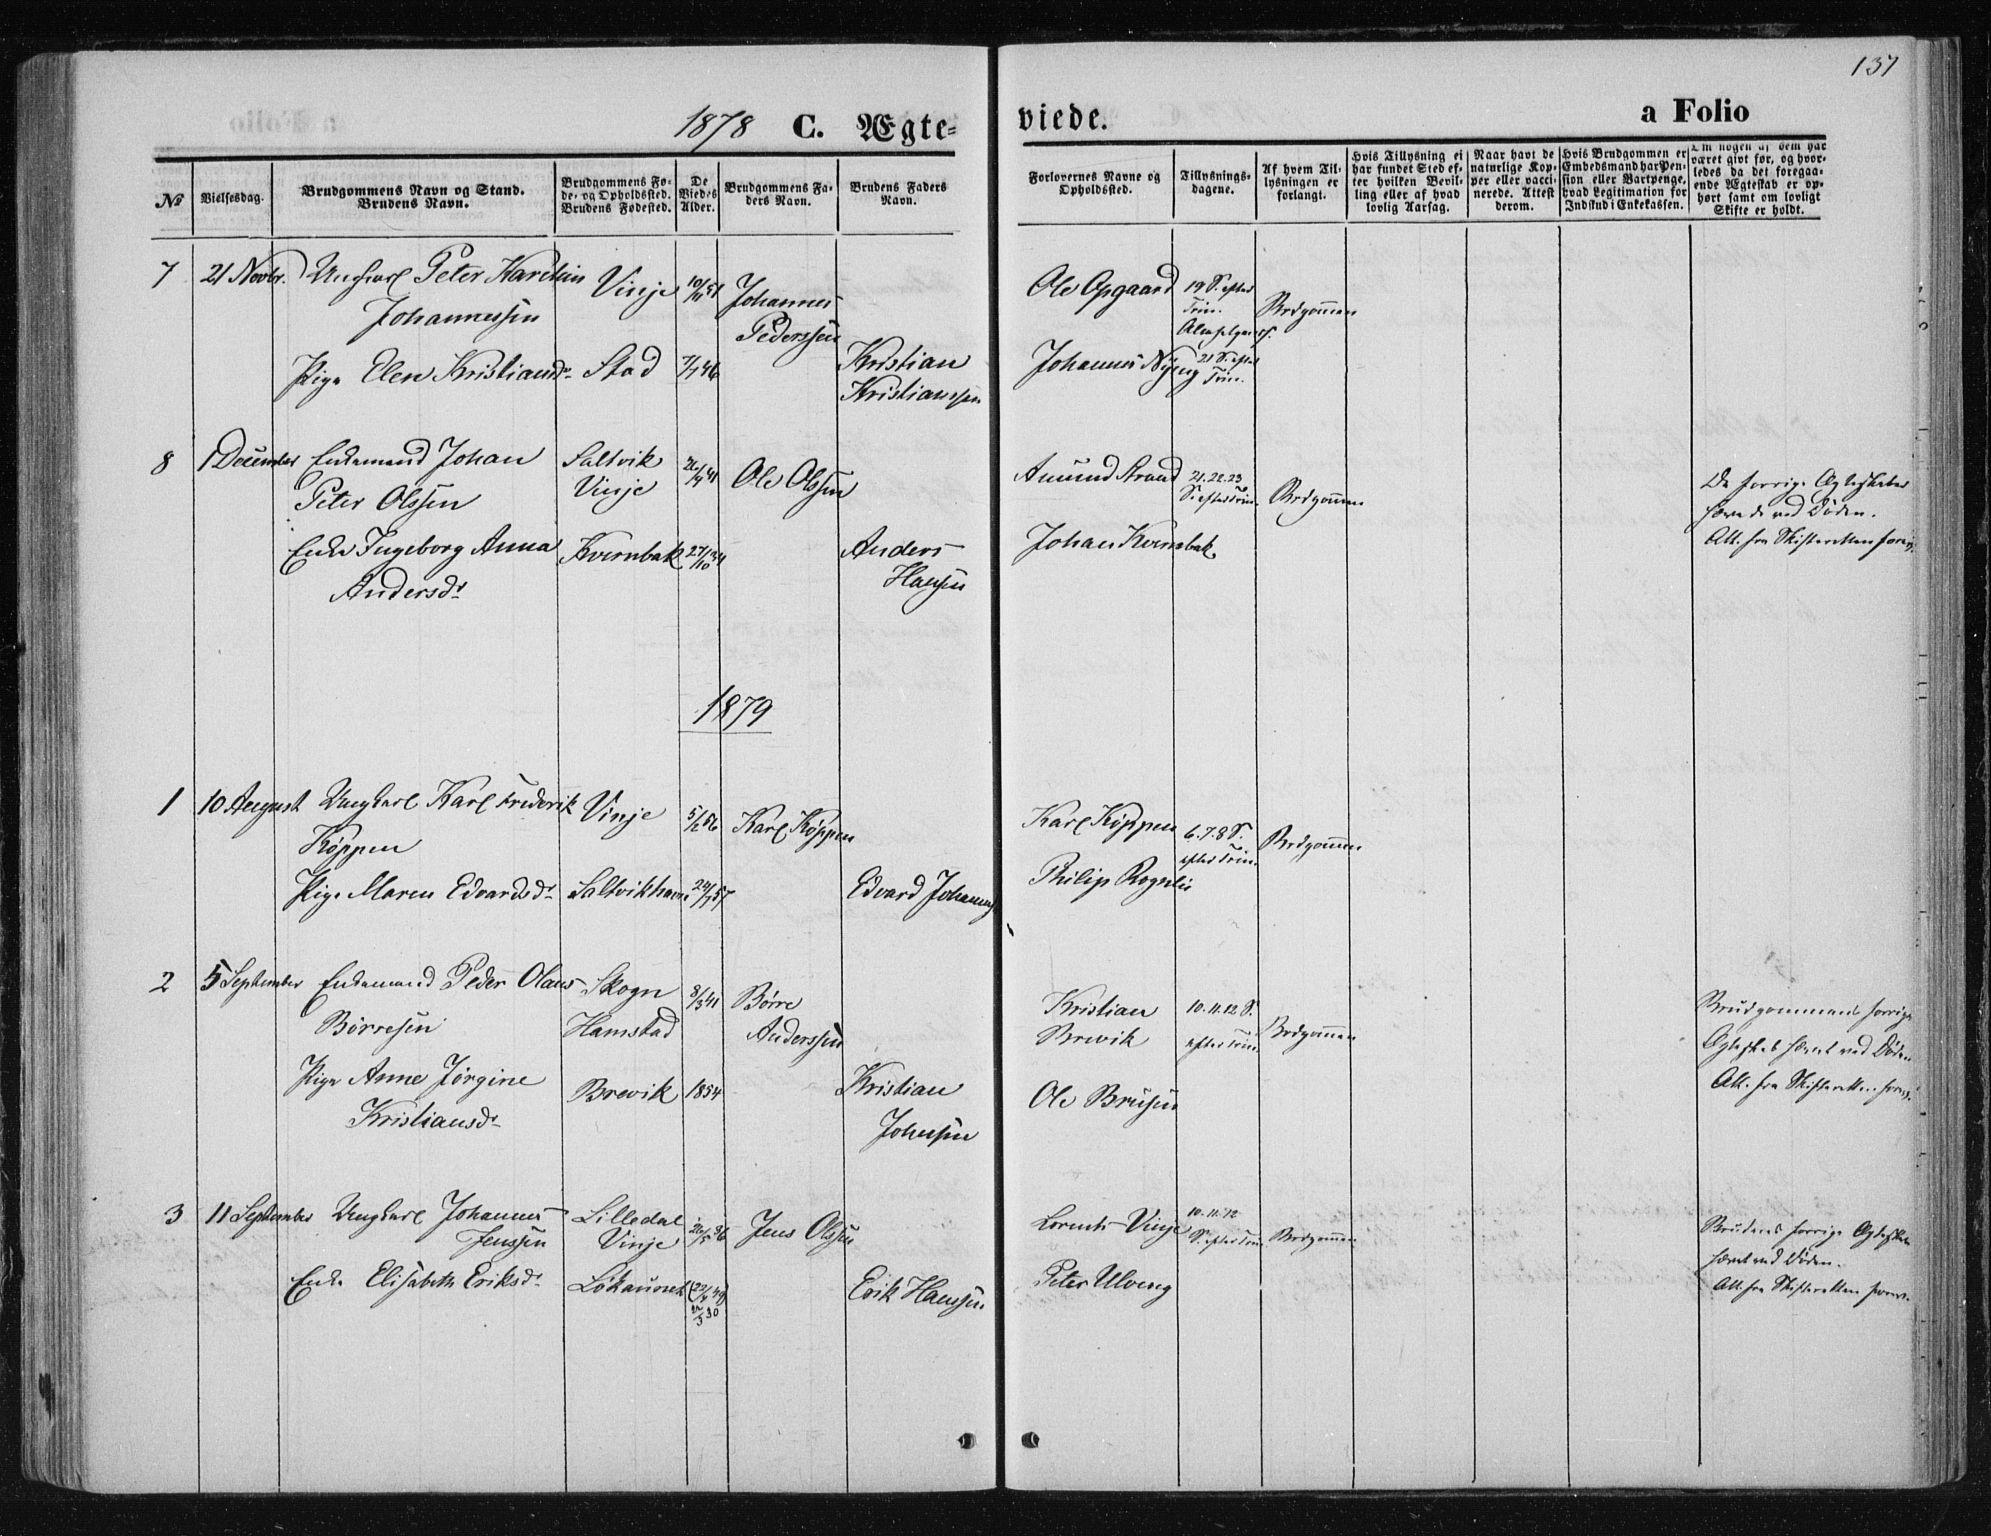 SAT, Ministerialprotokoller, klokkerbøker og fødselsregistre - Nord-Trøndelag, 733/L0324: Ministerialbok nr. 733A03, 1870-1883, s. 137